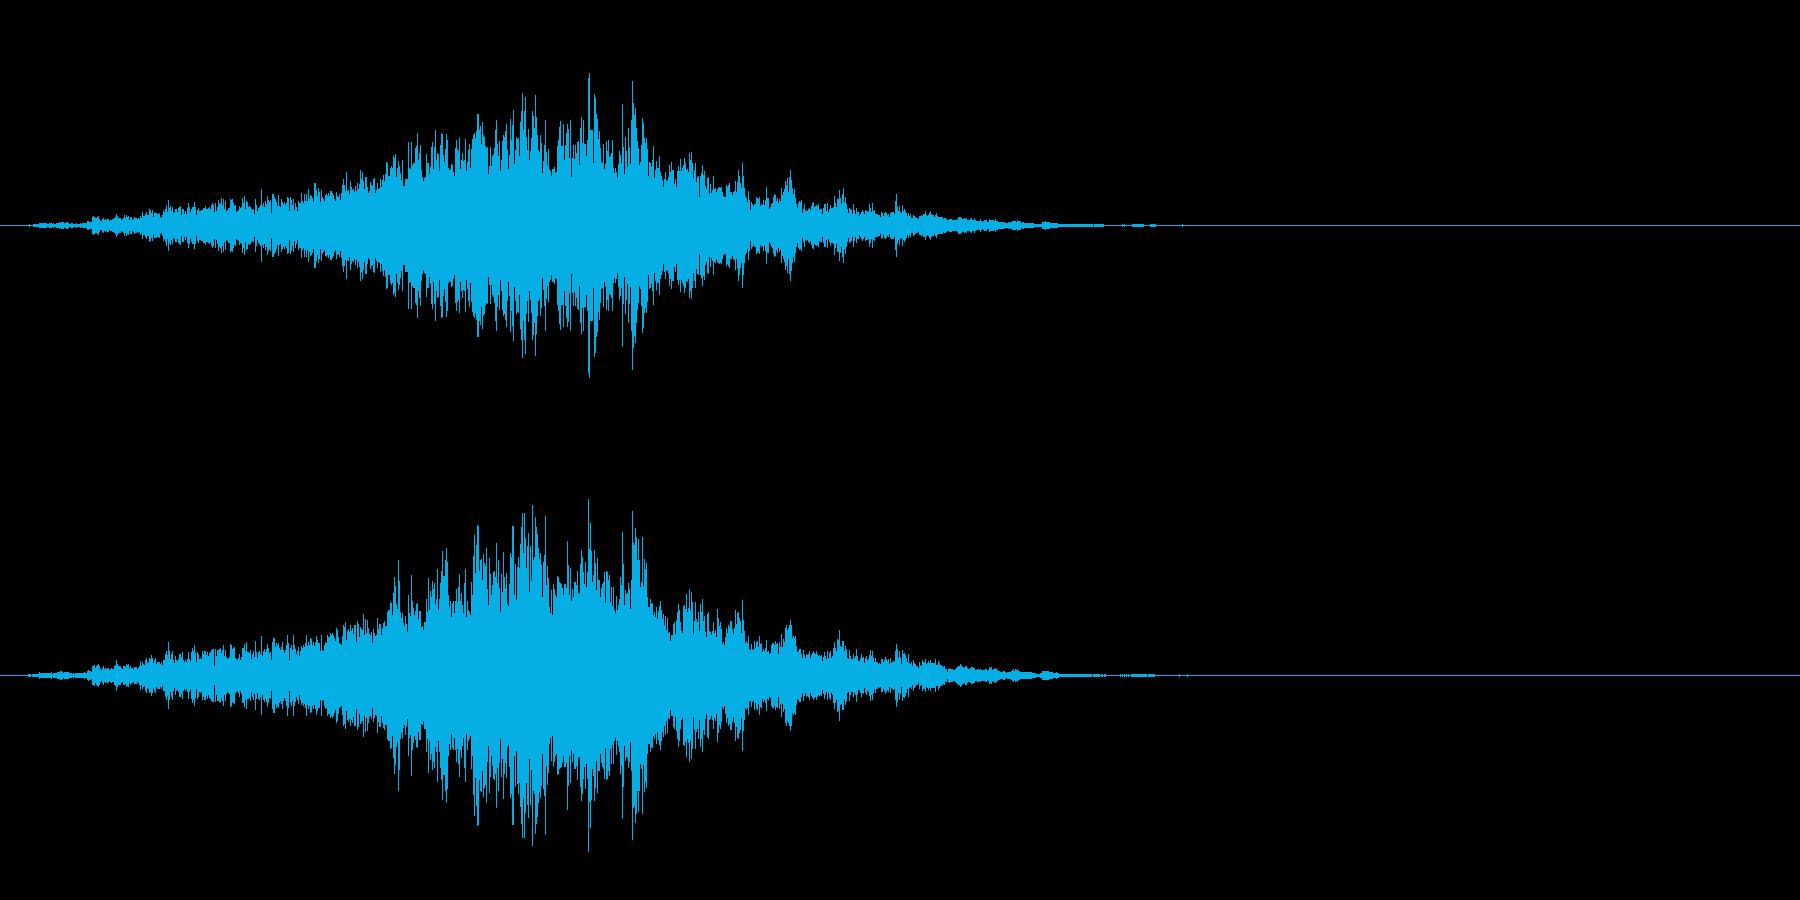 重めの鈴の音「えきろ」のフレーズ音1の再生済みの波形